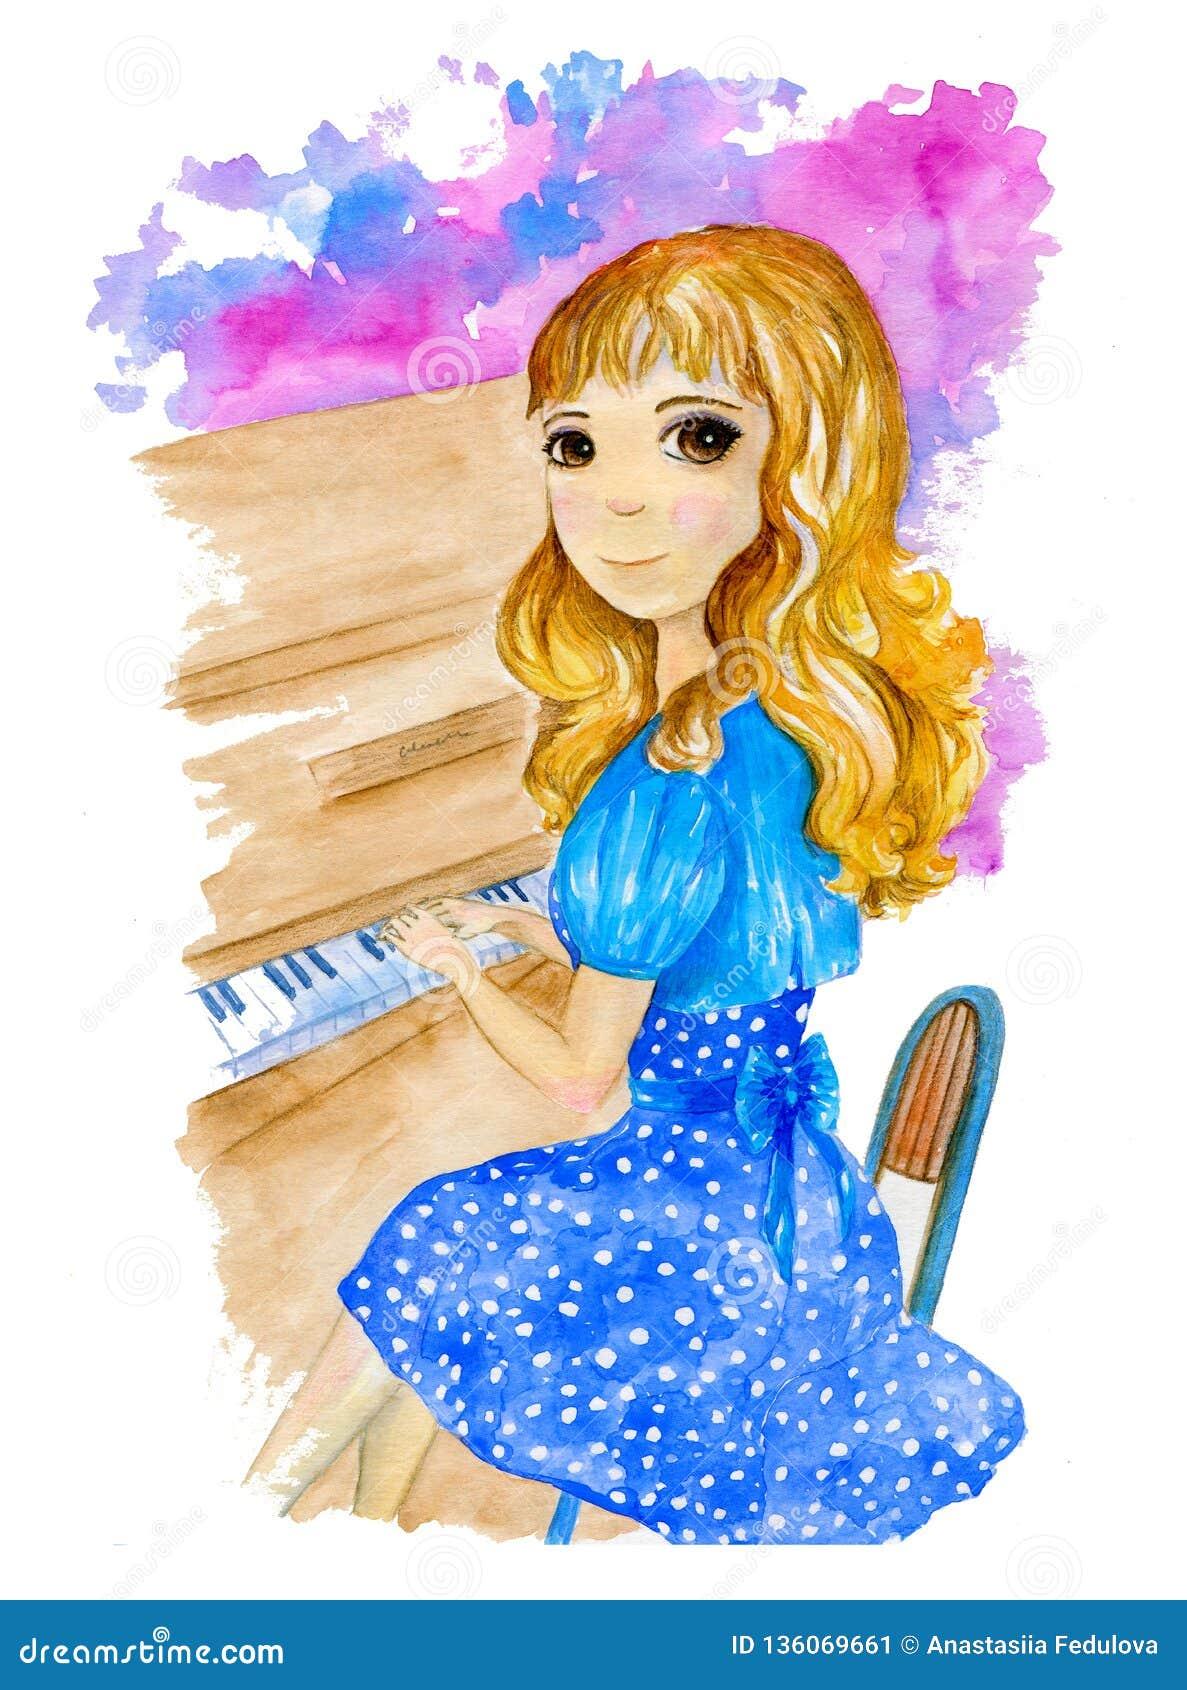 Ilustração da aquarela sobre a menina loura bonita no vestido azul que joga o piano no fundo colorido